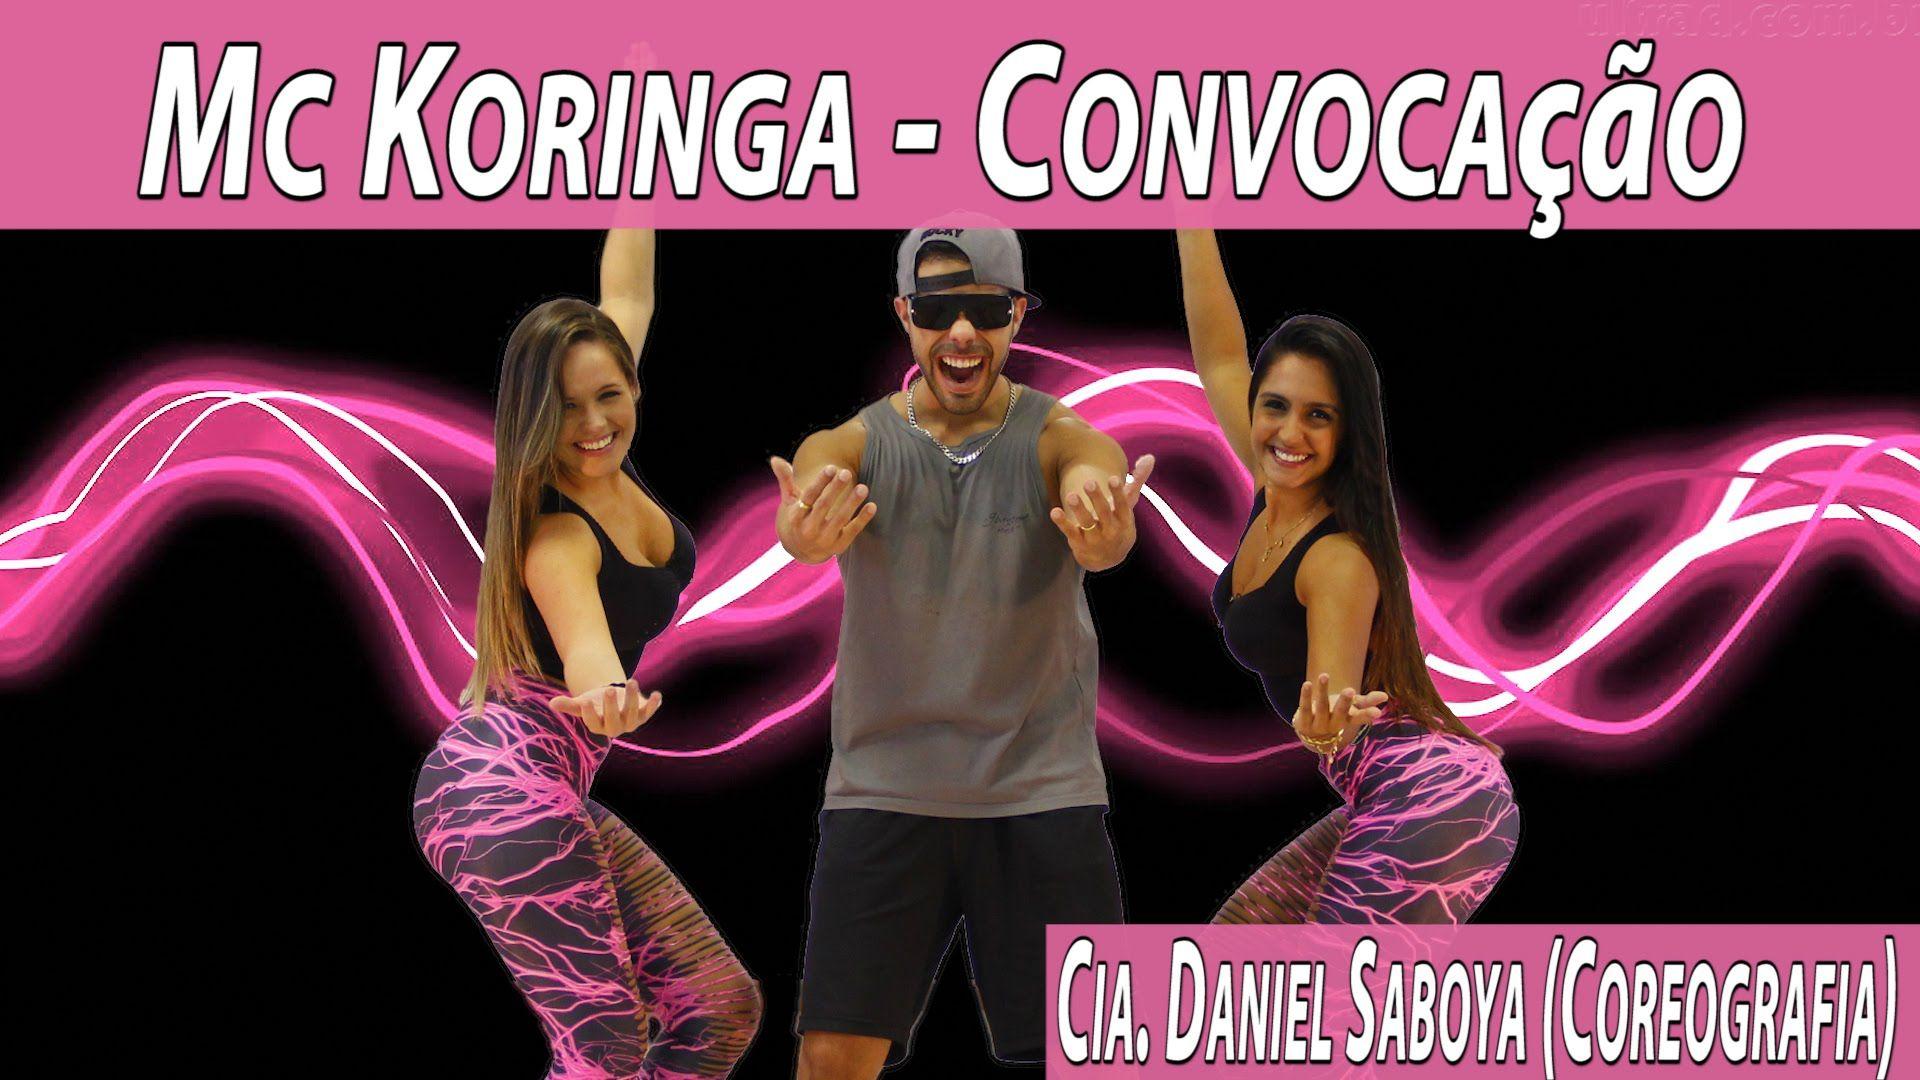 Mc Koringa - Convocação Cia. Daniel Saboya (Coreografia)